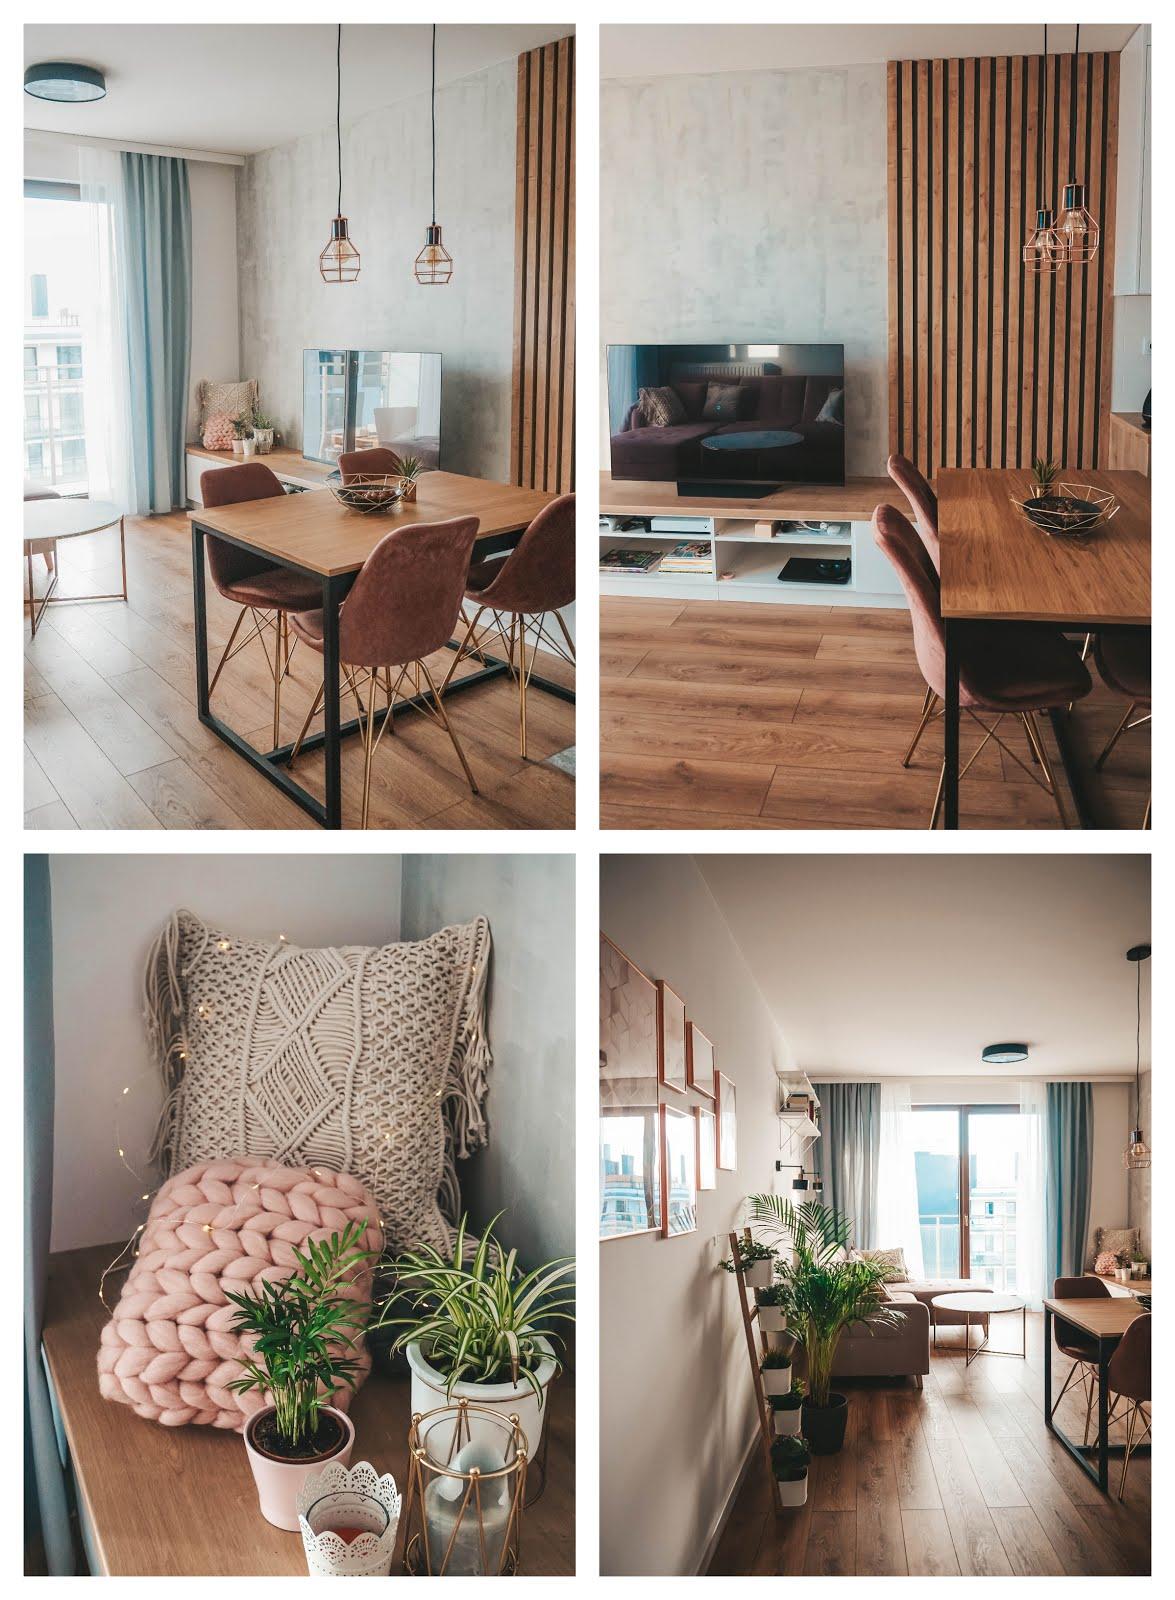 mieszkanie-salon-inspiracje